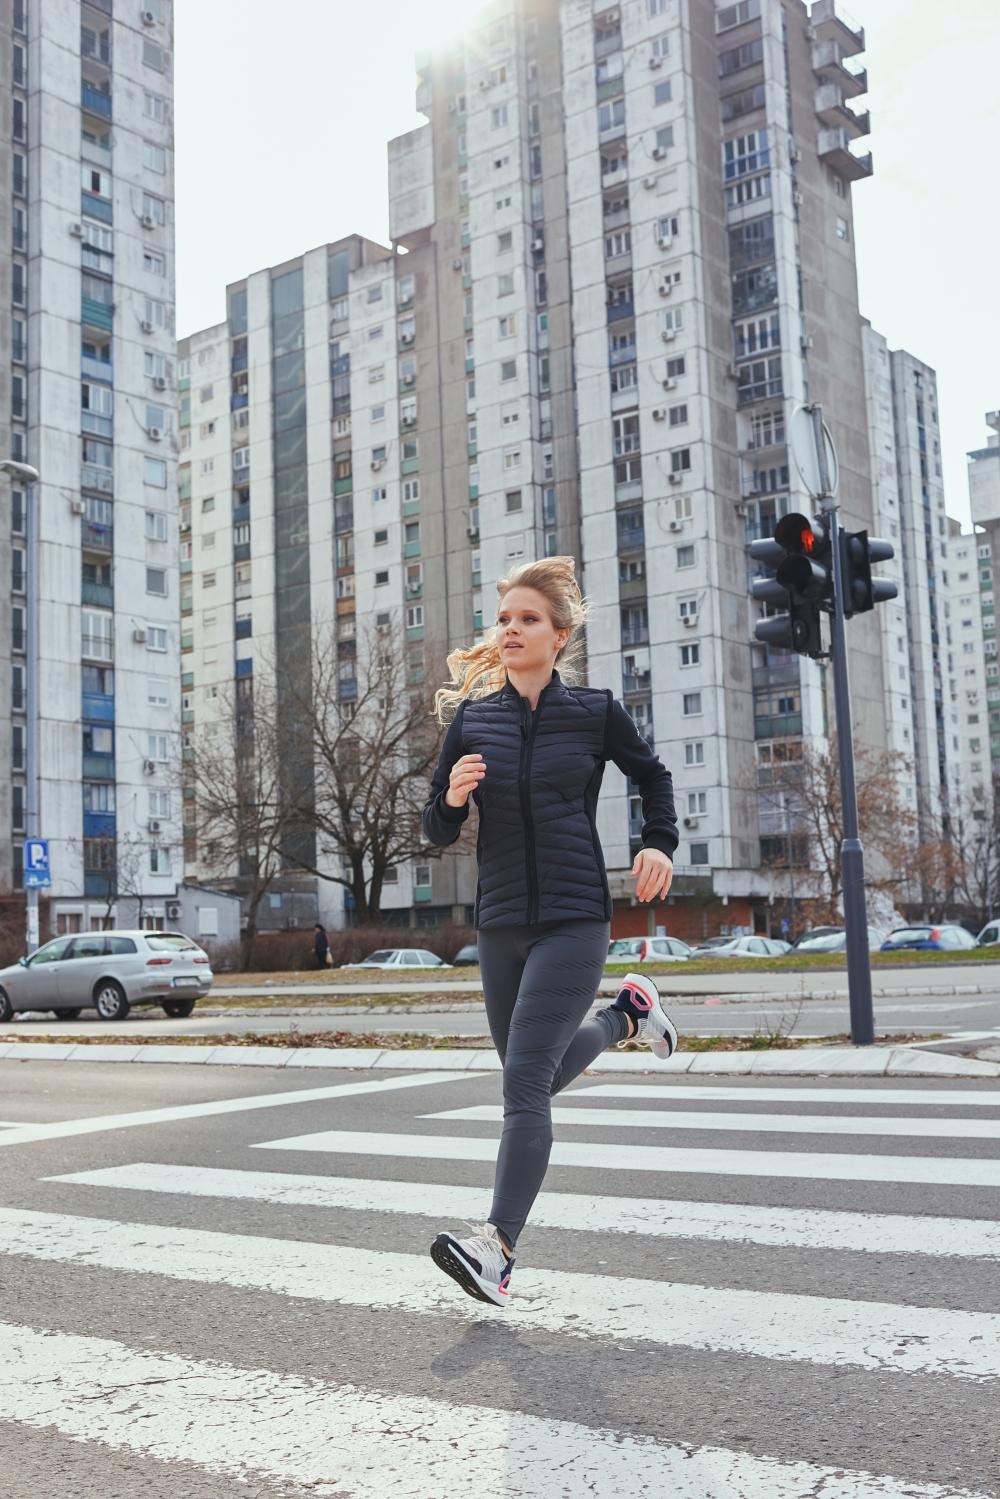 ultraboost19 4 Tvoj tajni plan: Zašto je proleće idealan trenutak da počneš da treniraš + kako da ostvariš rezultate koje želiš!